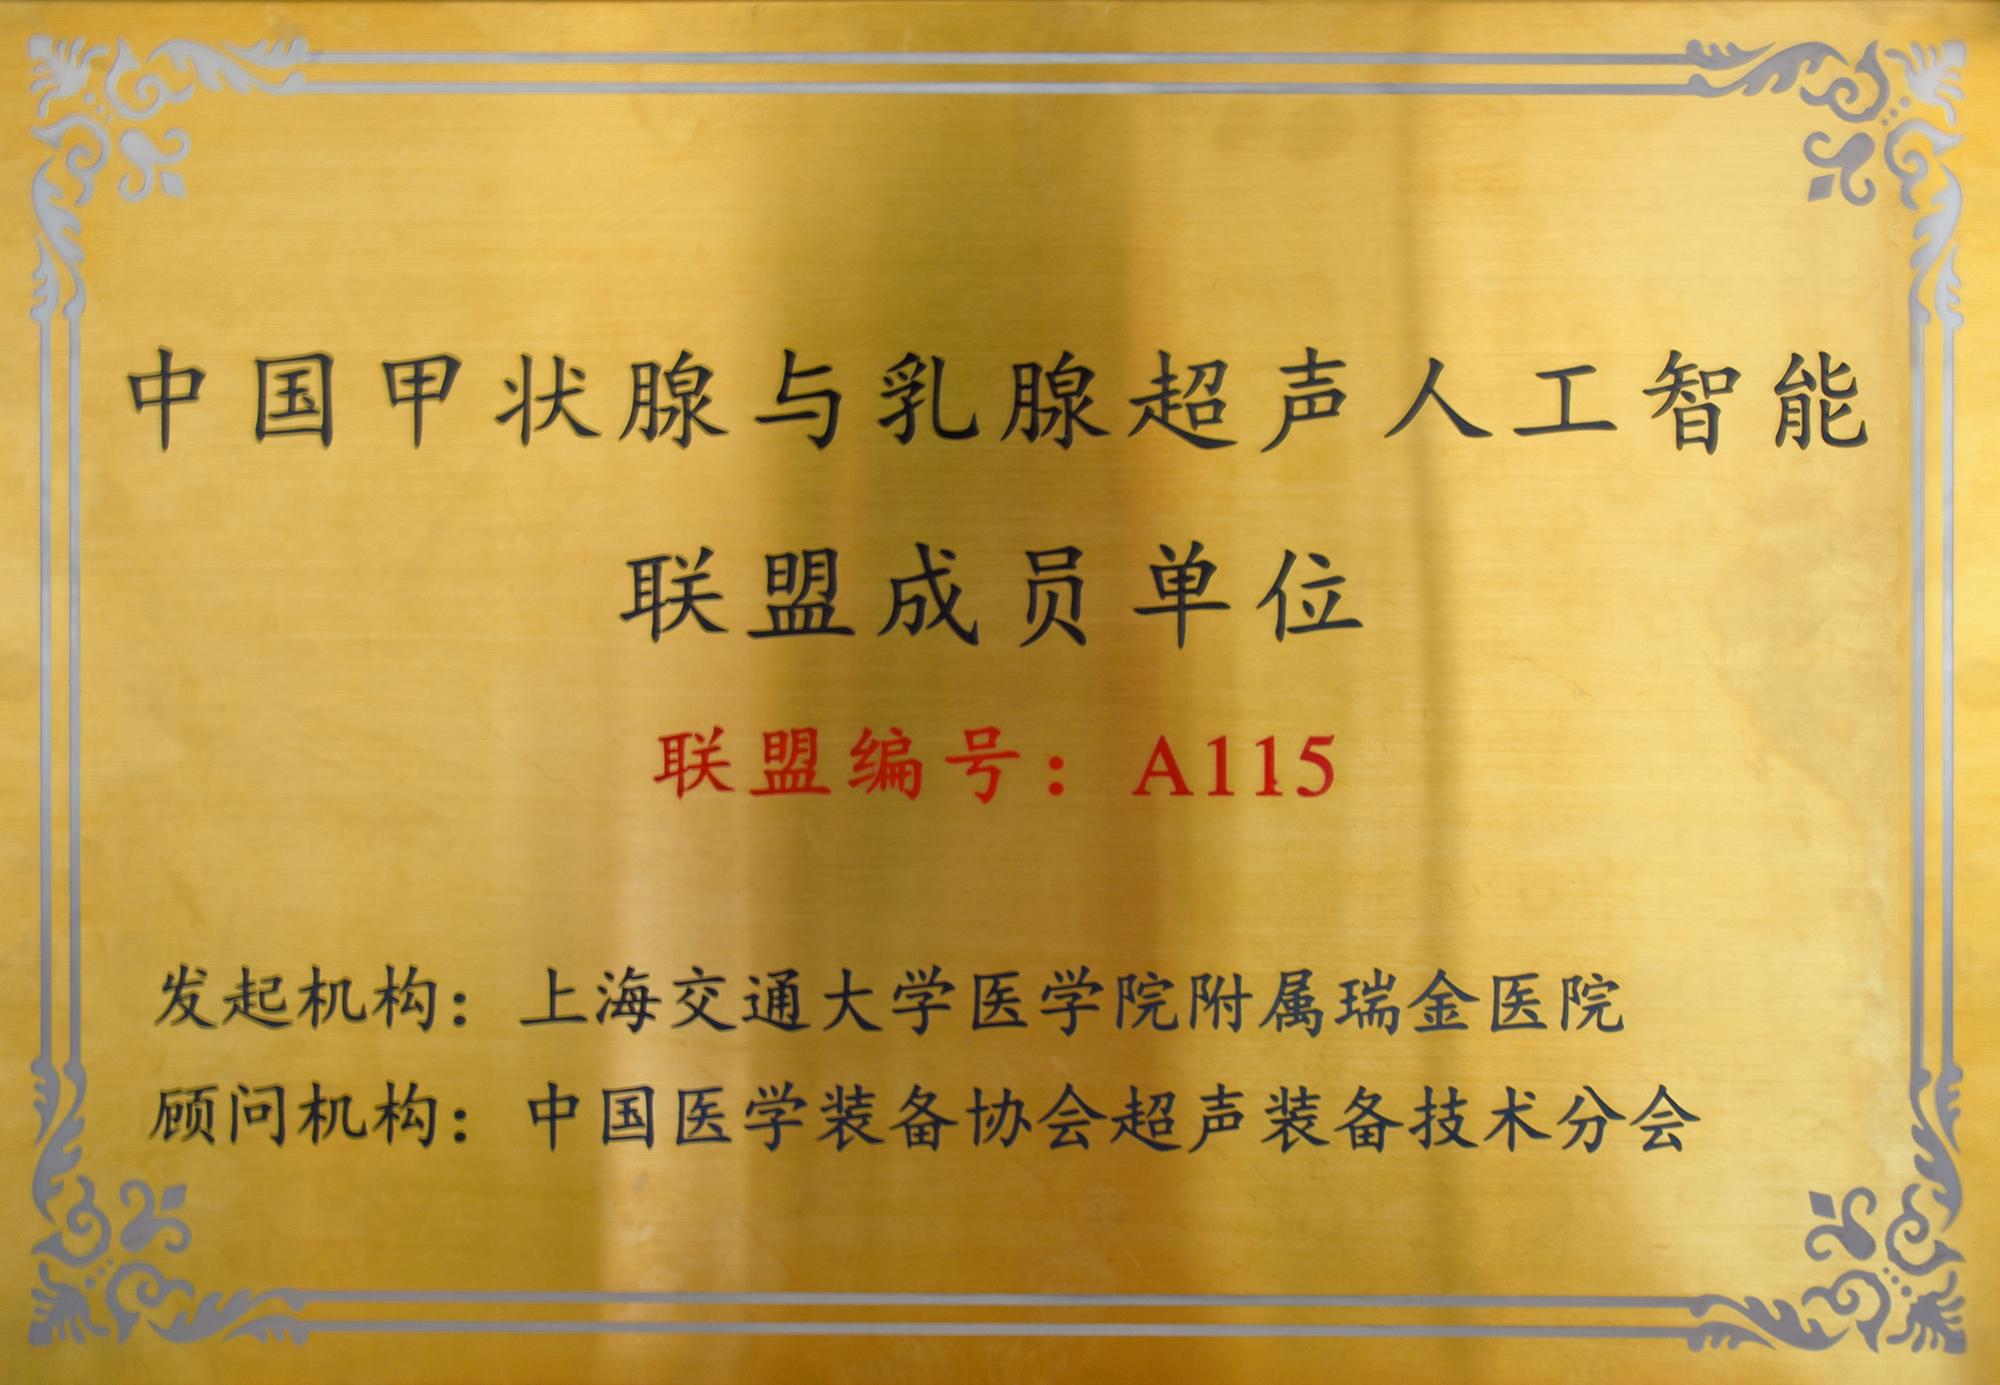 江西省中西医结合医院加入中国甲状腺与乳腺人工智能超声